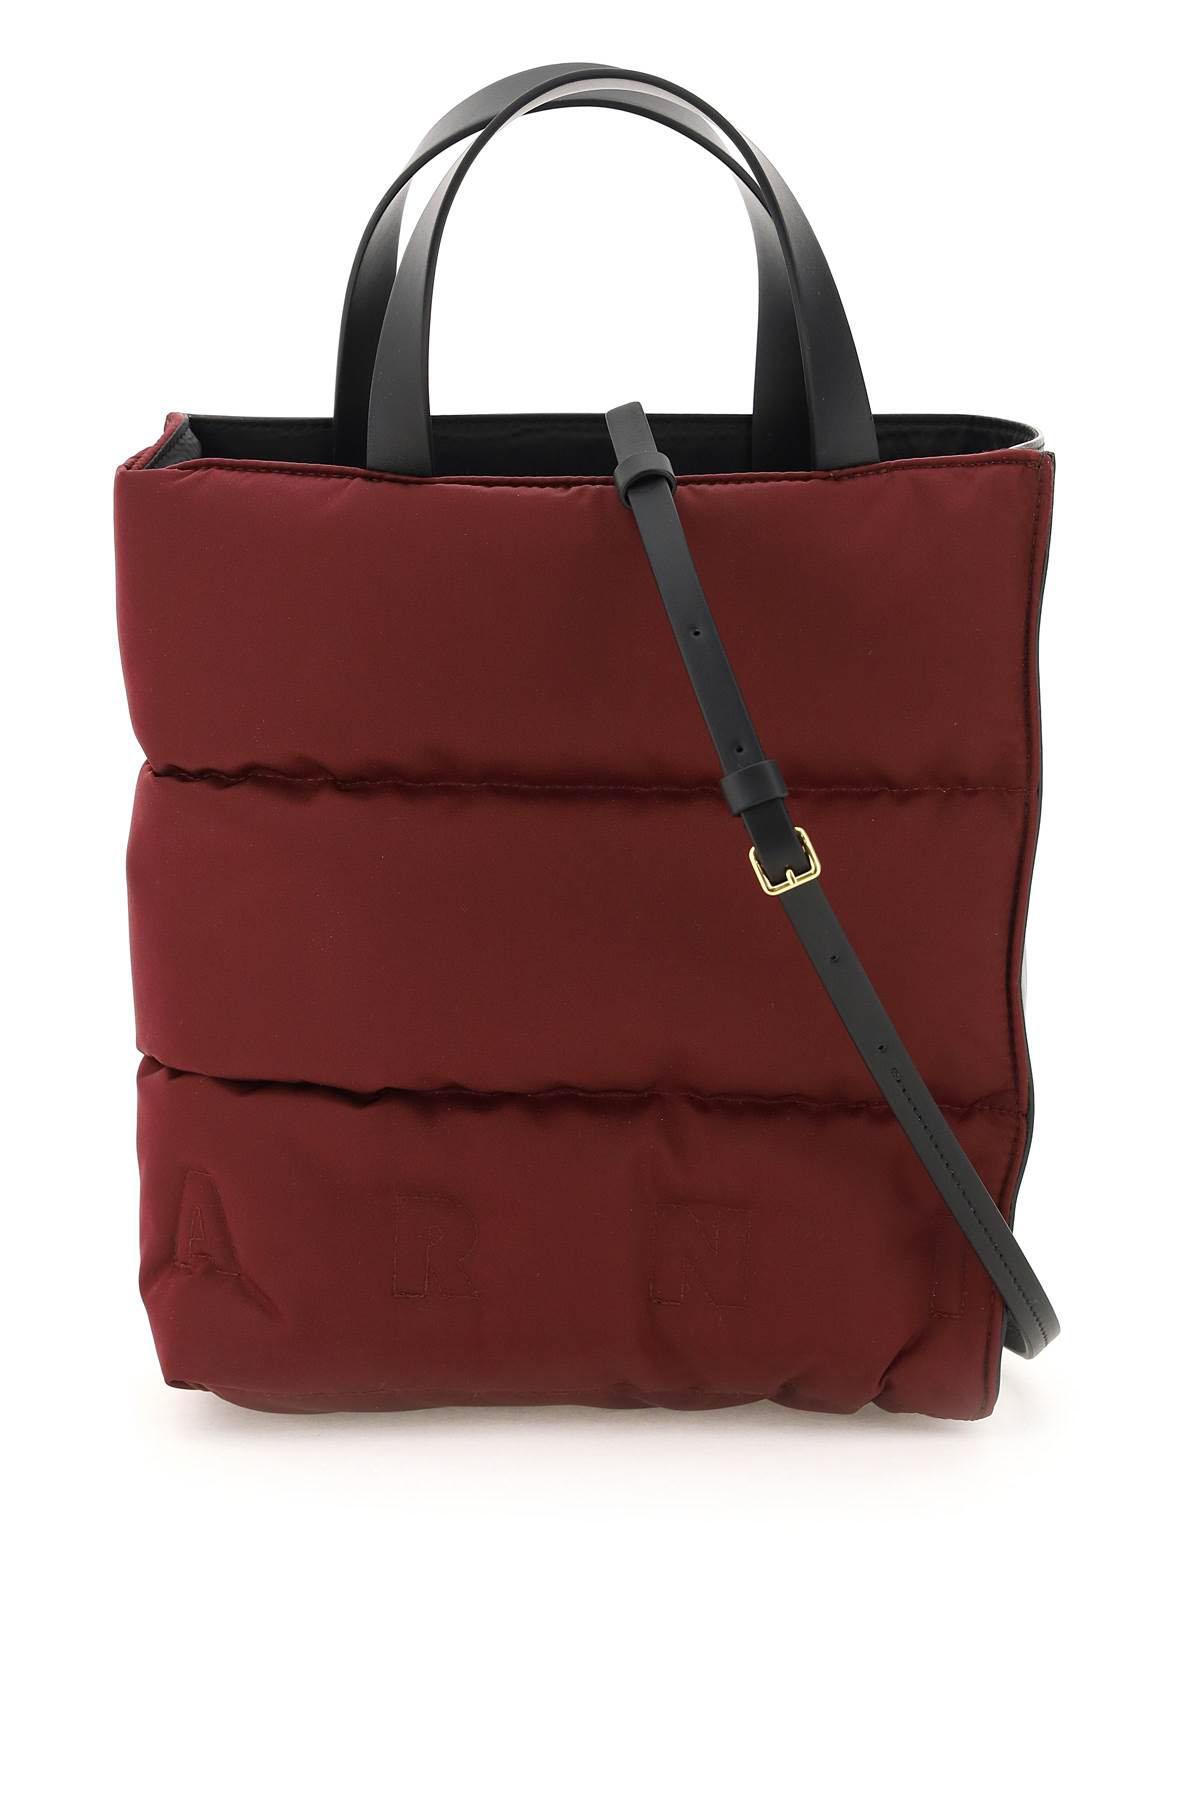 marni borsa museo soft piccola in nylon os rosso, nero tecnico, pelle